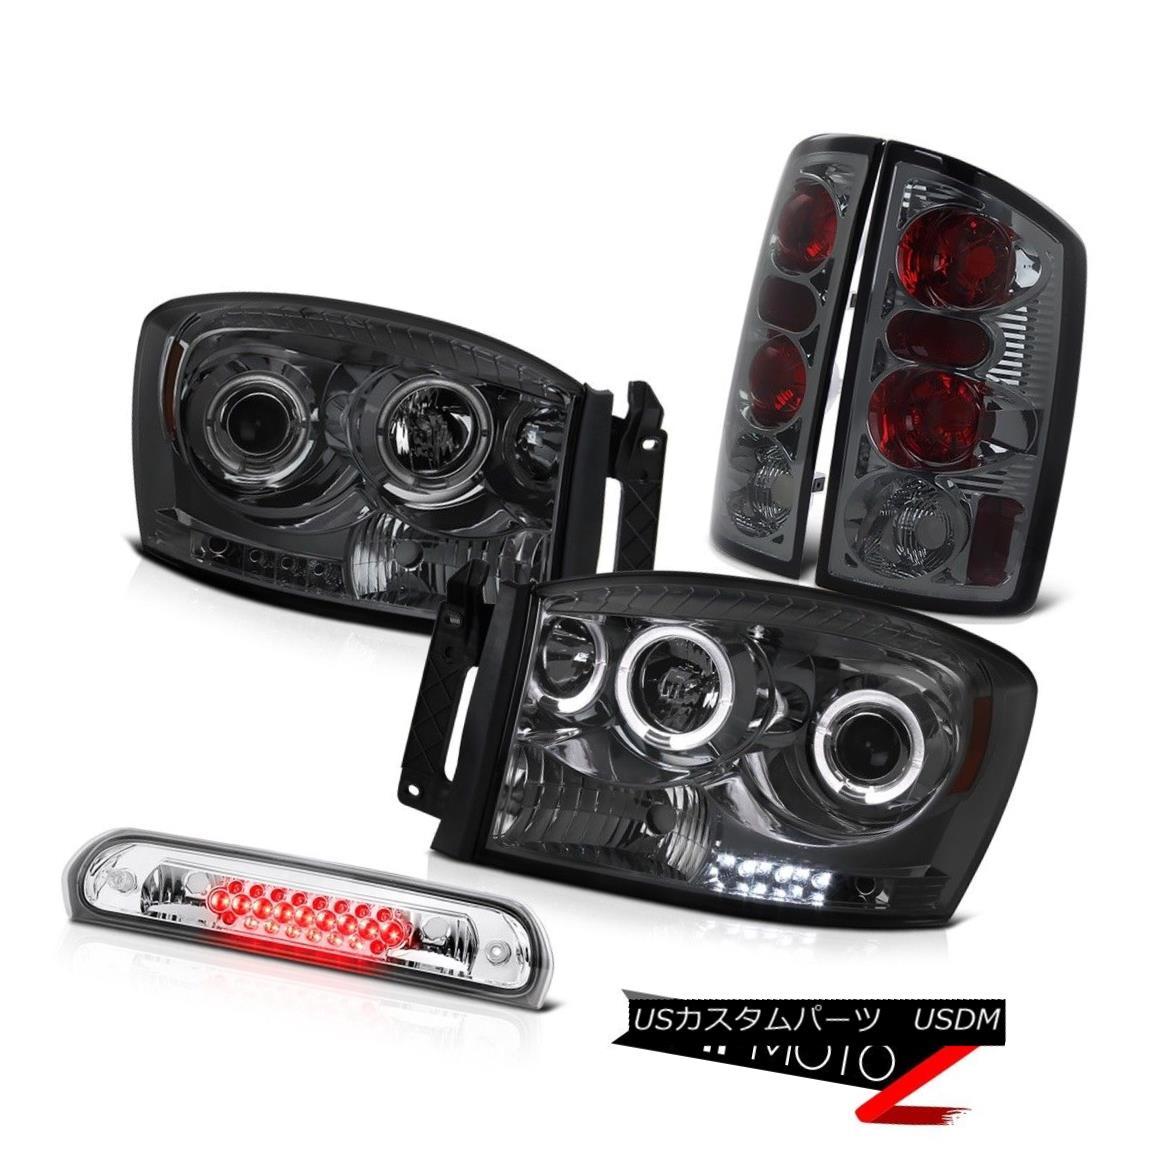 ヘッドライト 2006 Dodge Ram ST Smoke Halo Headlights Rear Brake Tail Lamps Roof Cab Cargo LED 2006ダッジラムST煙ハローヘッドライトリアブレーキテールランプルーフキャブカーゴLED